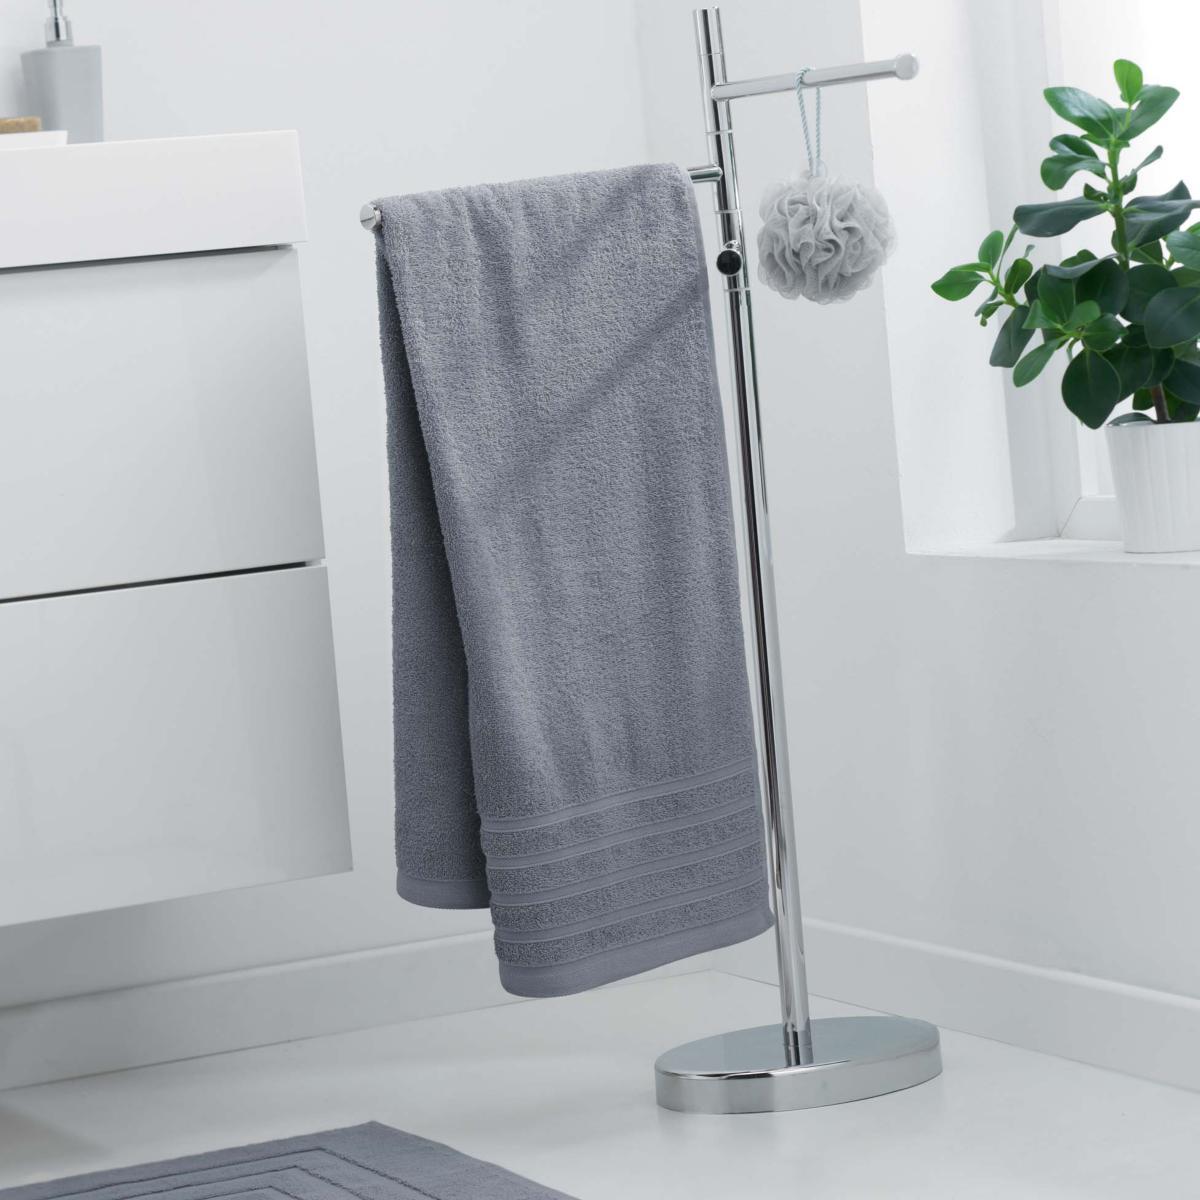 drap de douche 70x130cm uni gris clair 100 coton j k markets. Black Bedroom Furniture Sets. Home Design Ideas